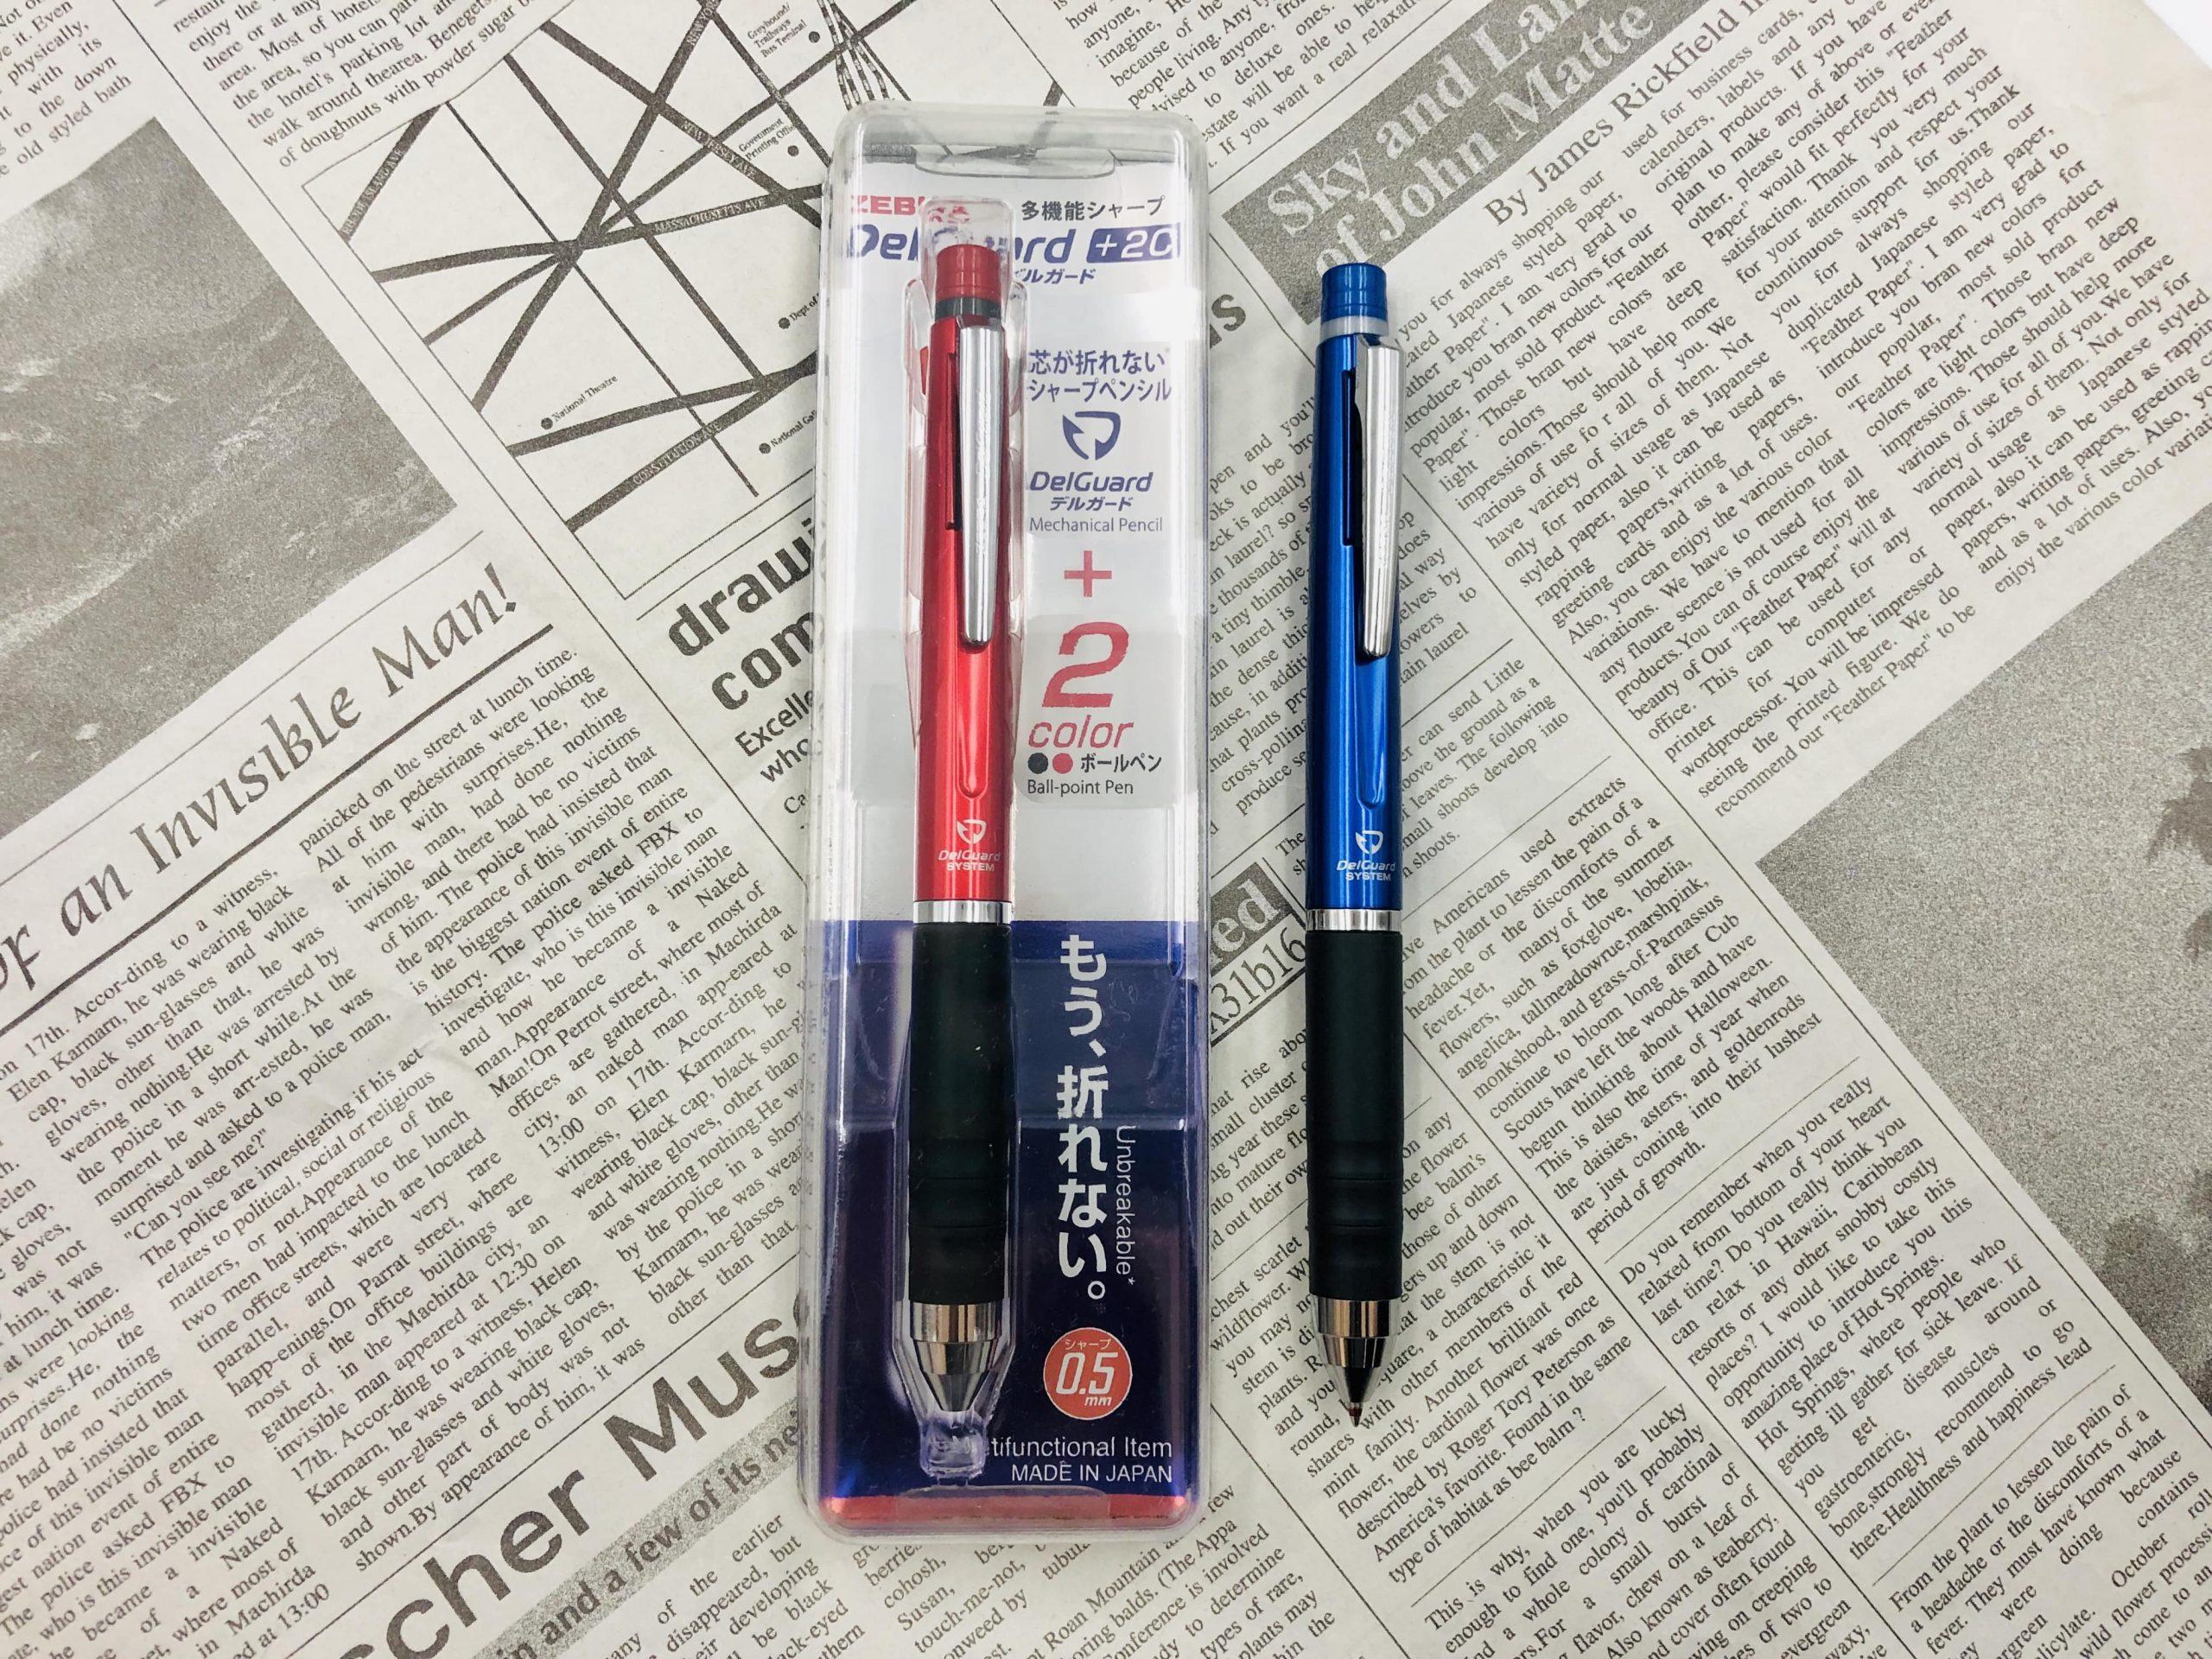 【ゼブラ デルガード+2C】人気のシャープペンがさらにパワーアップ!多機能ペンとして登場